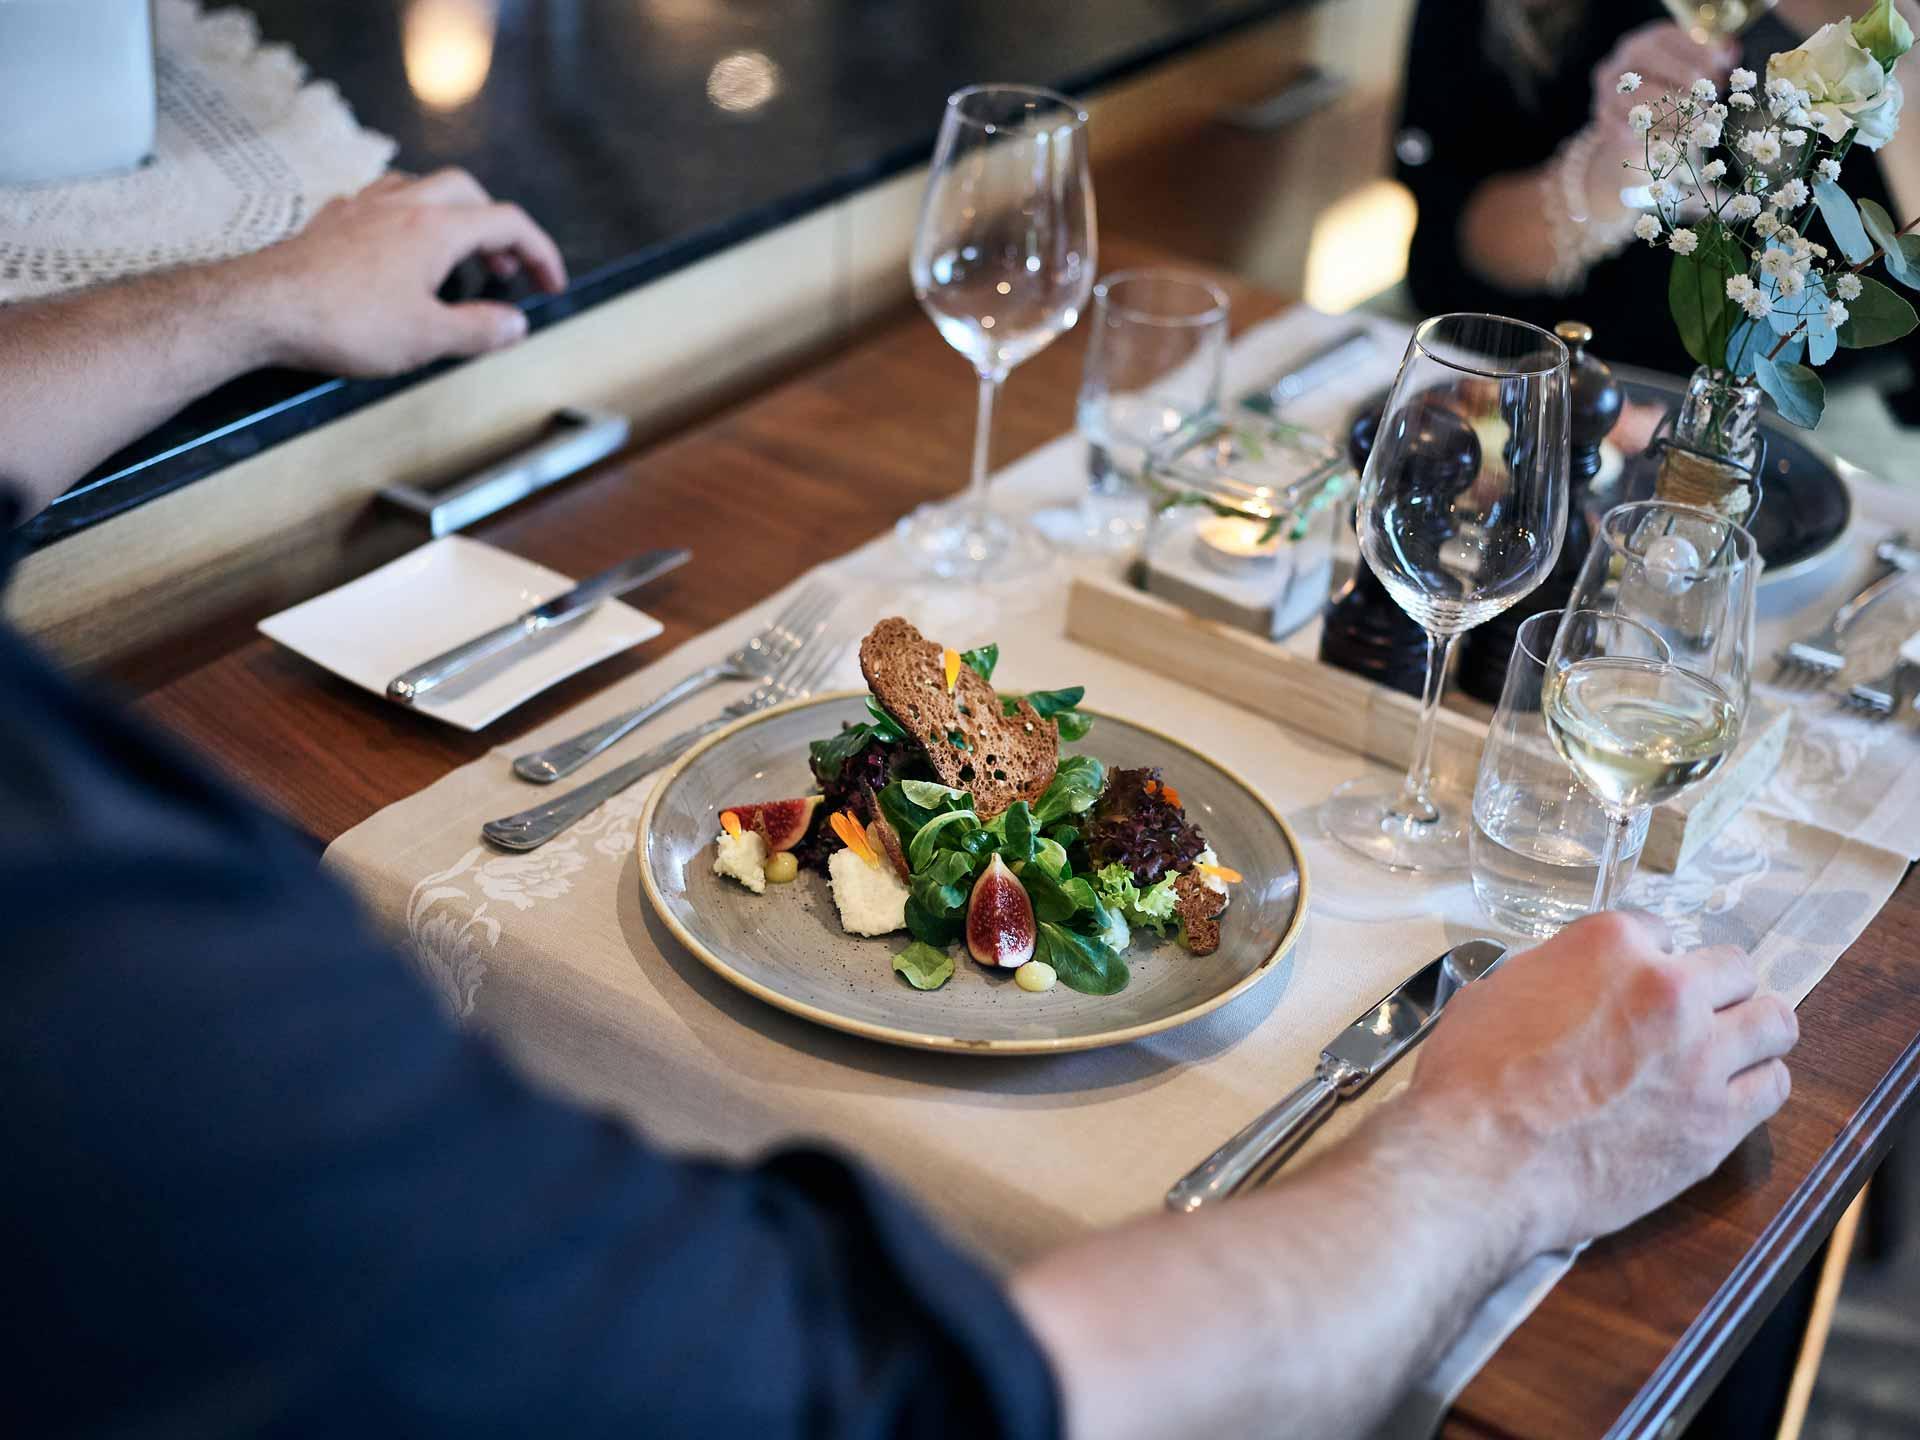 Salatteller auf gedecktem Tisch